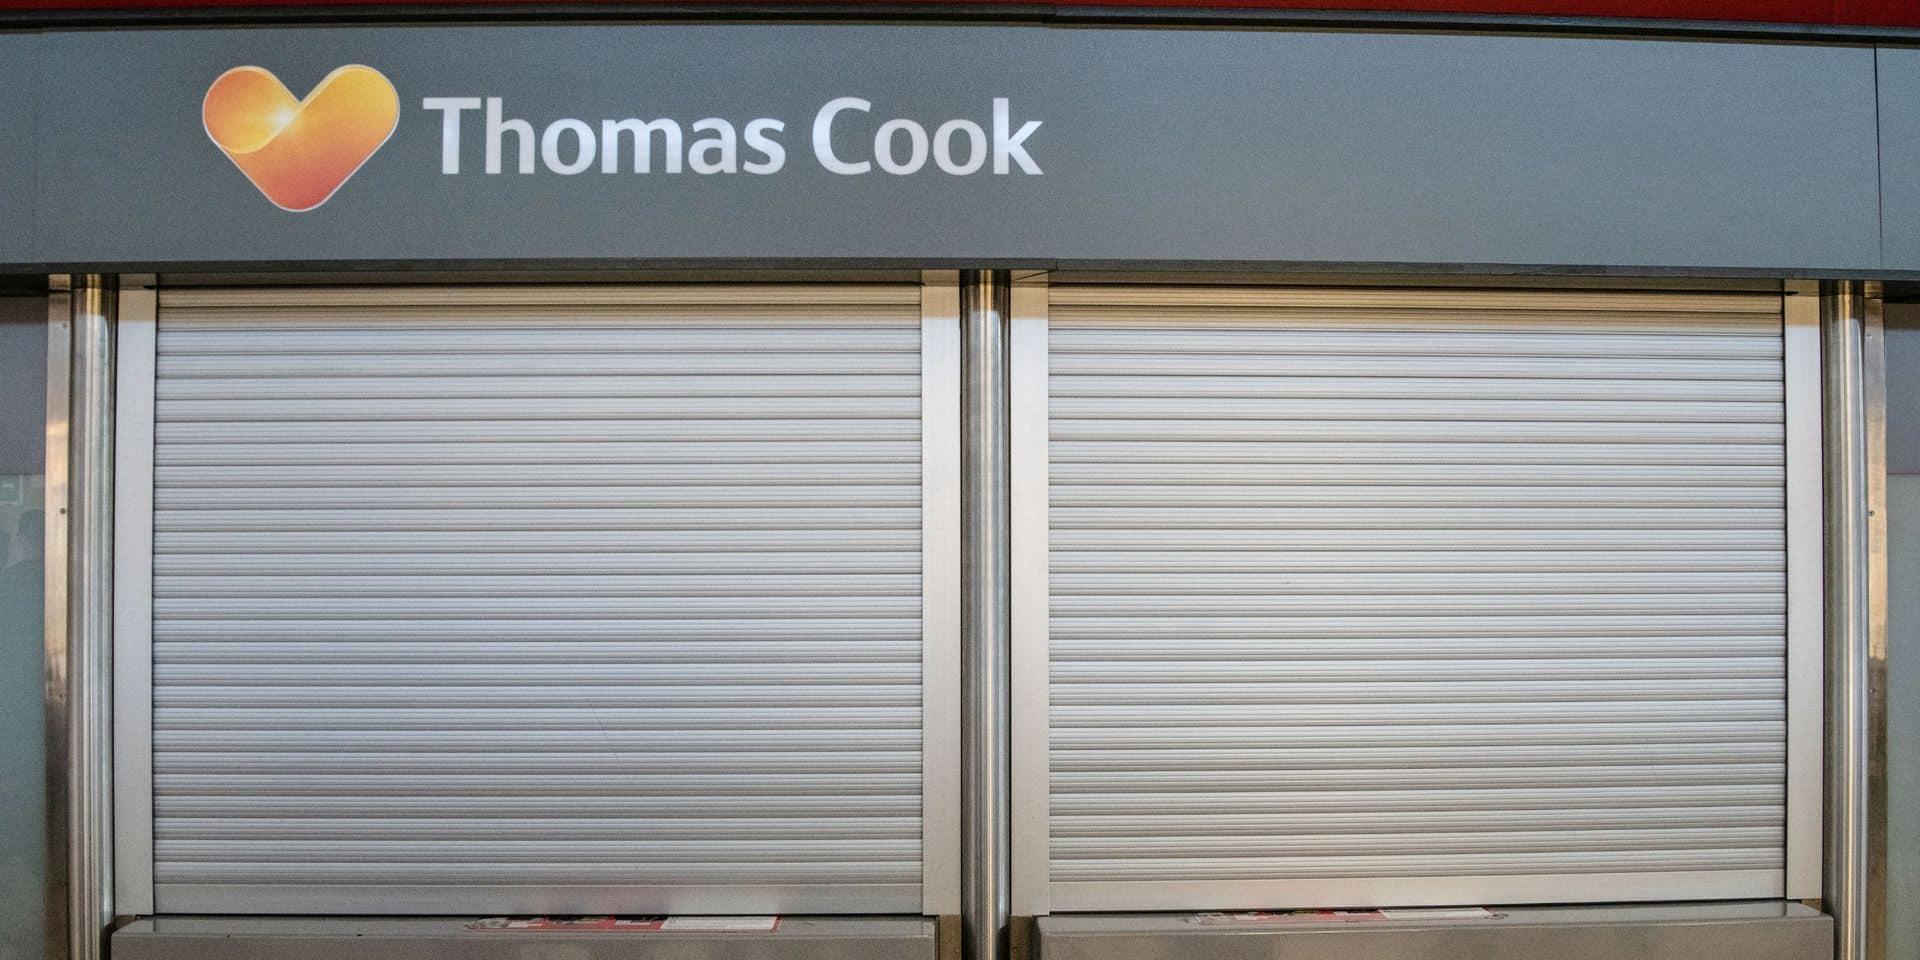 Hays Travel reprend les locaux de Thomas Cook au Royaume-Uni, 400 emplois sauvés